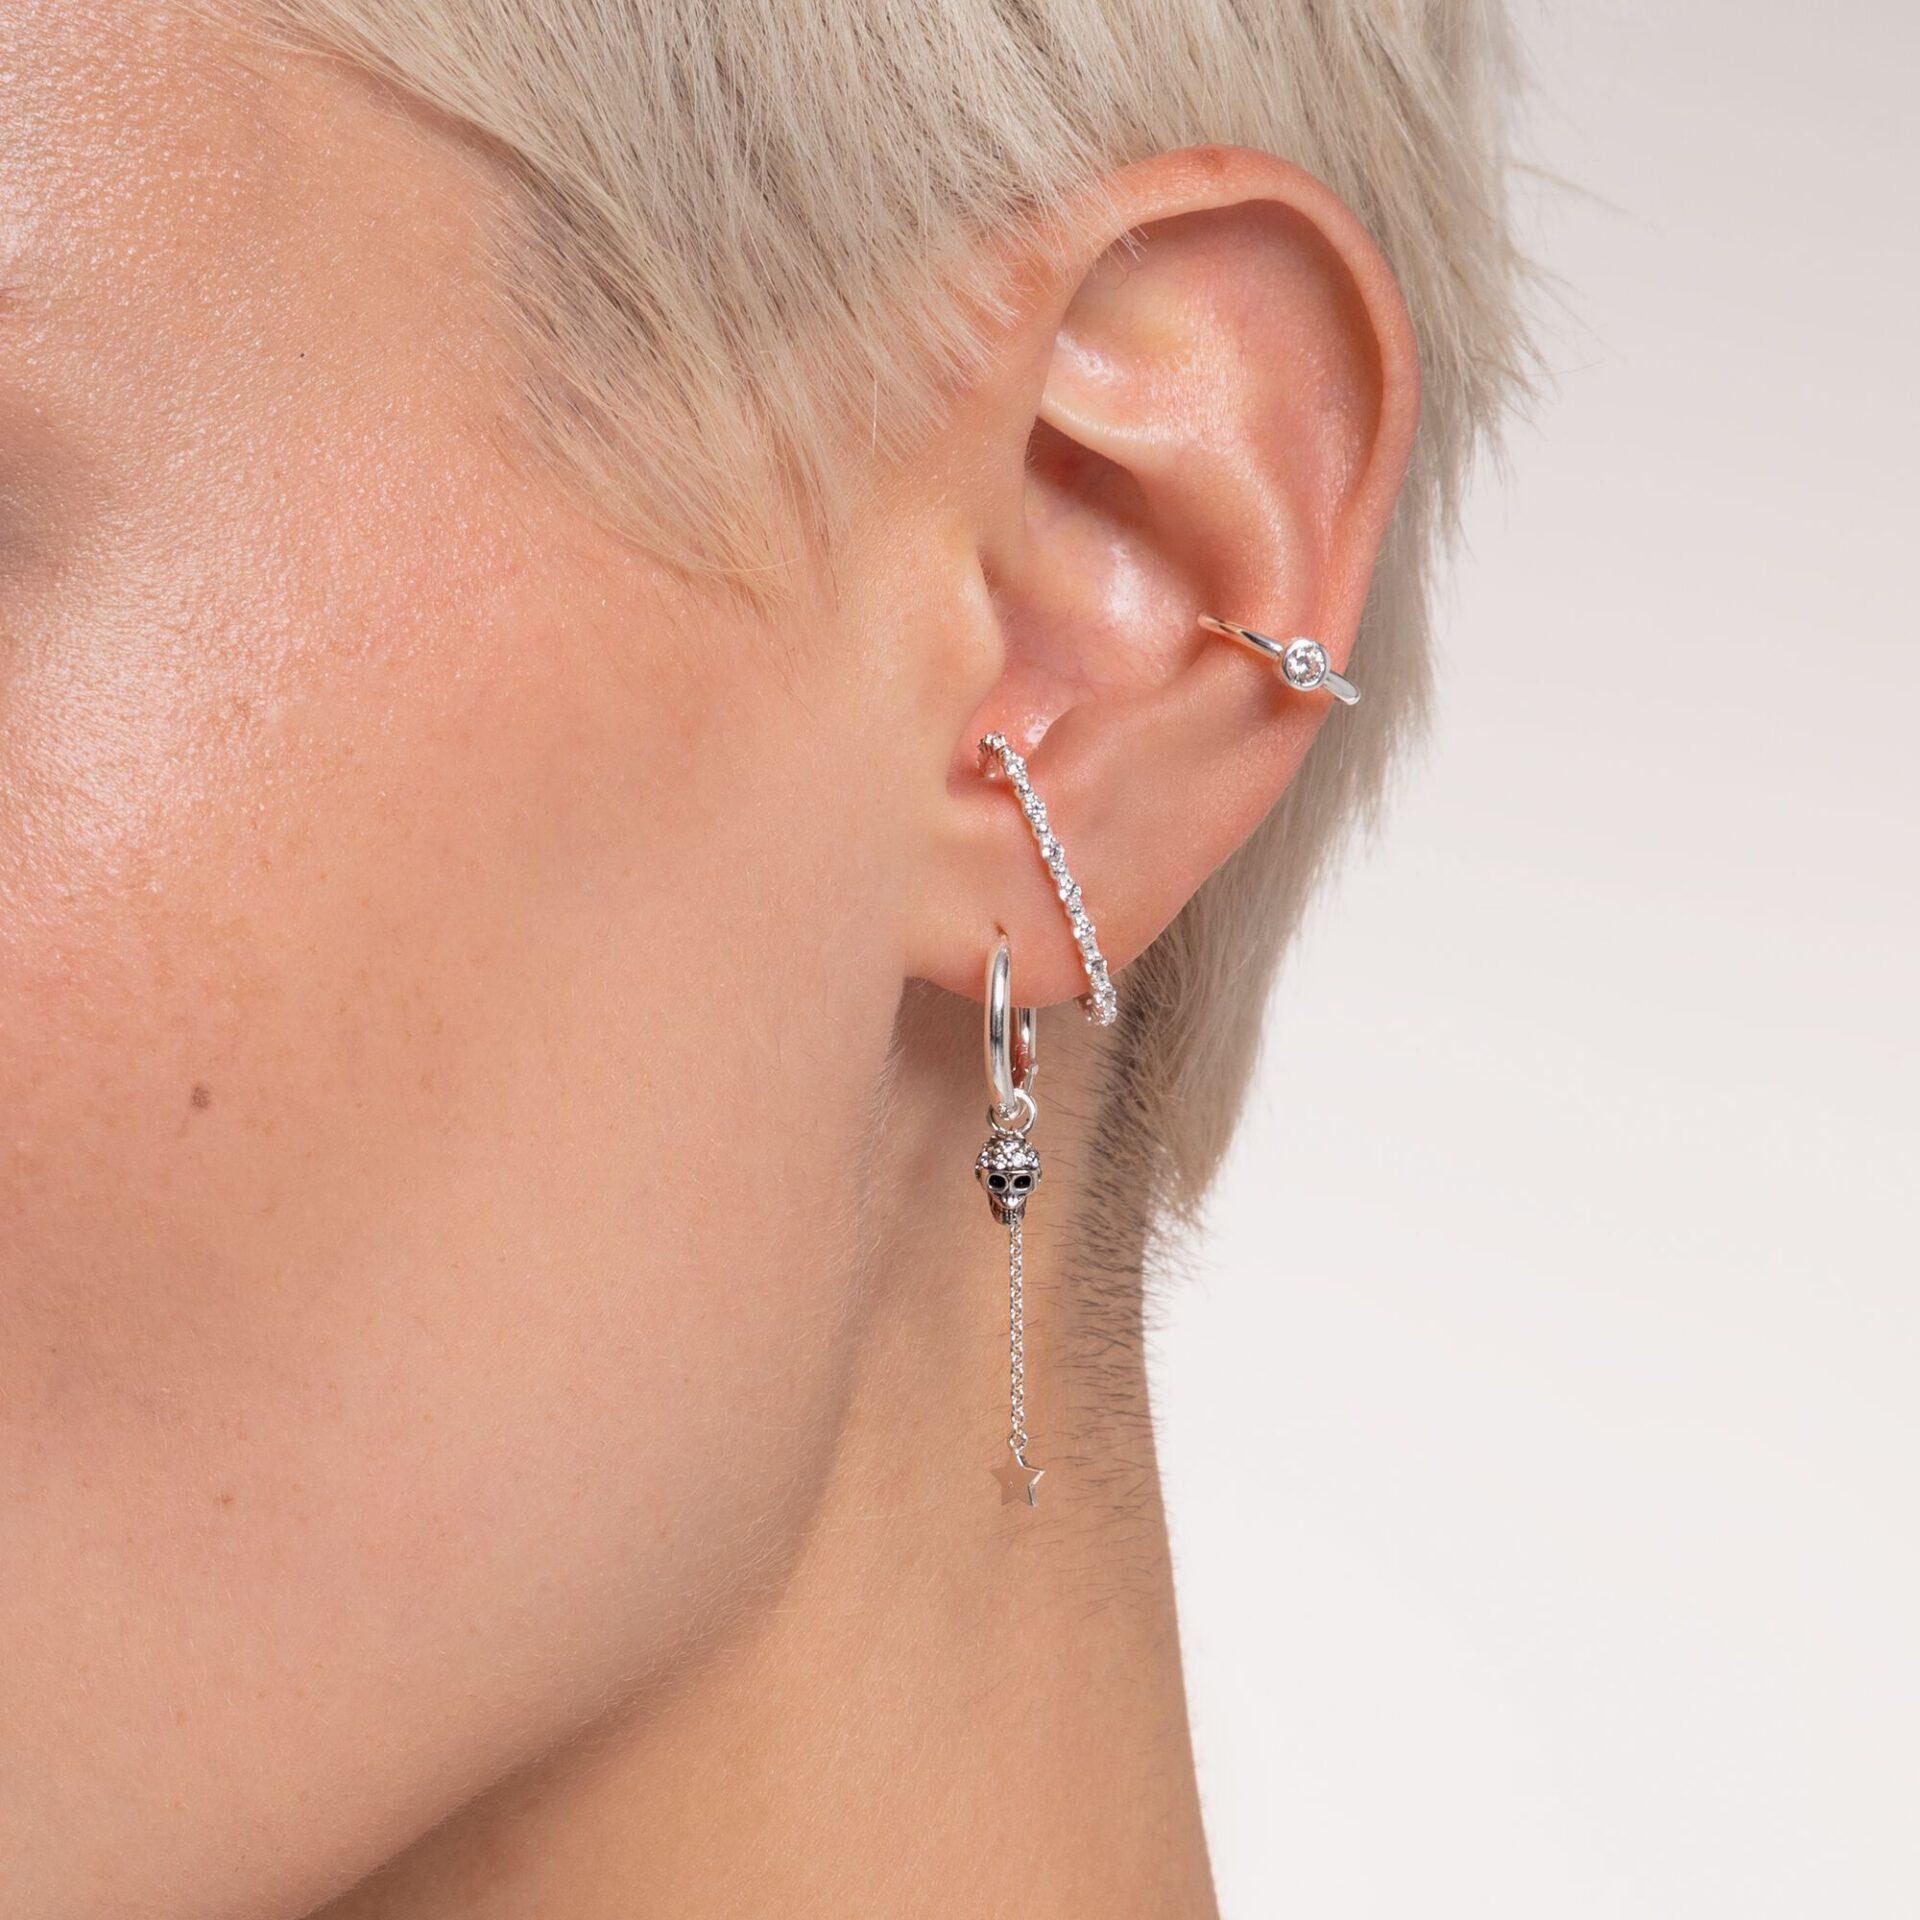 Pendentif pour boucle d'oreille unique étoile argent, Thomas Sabo